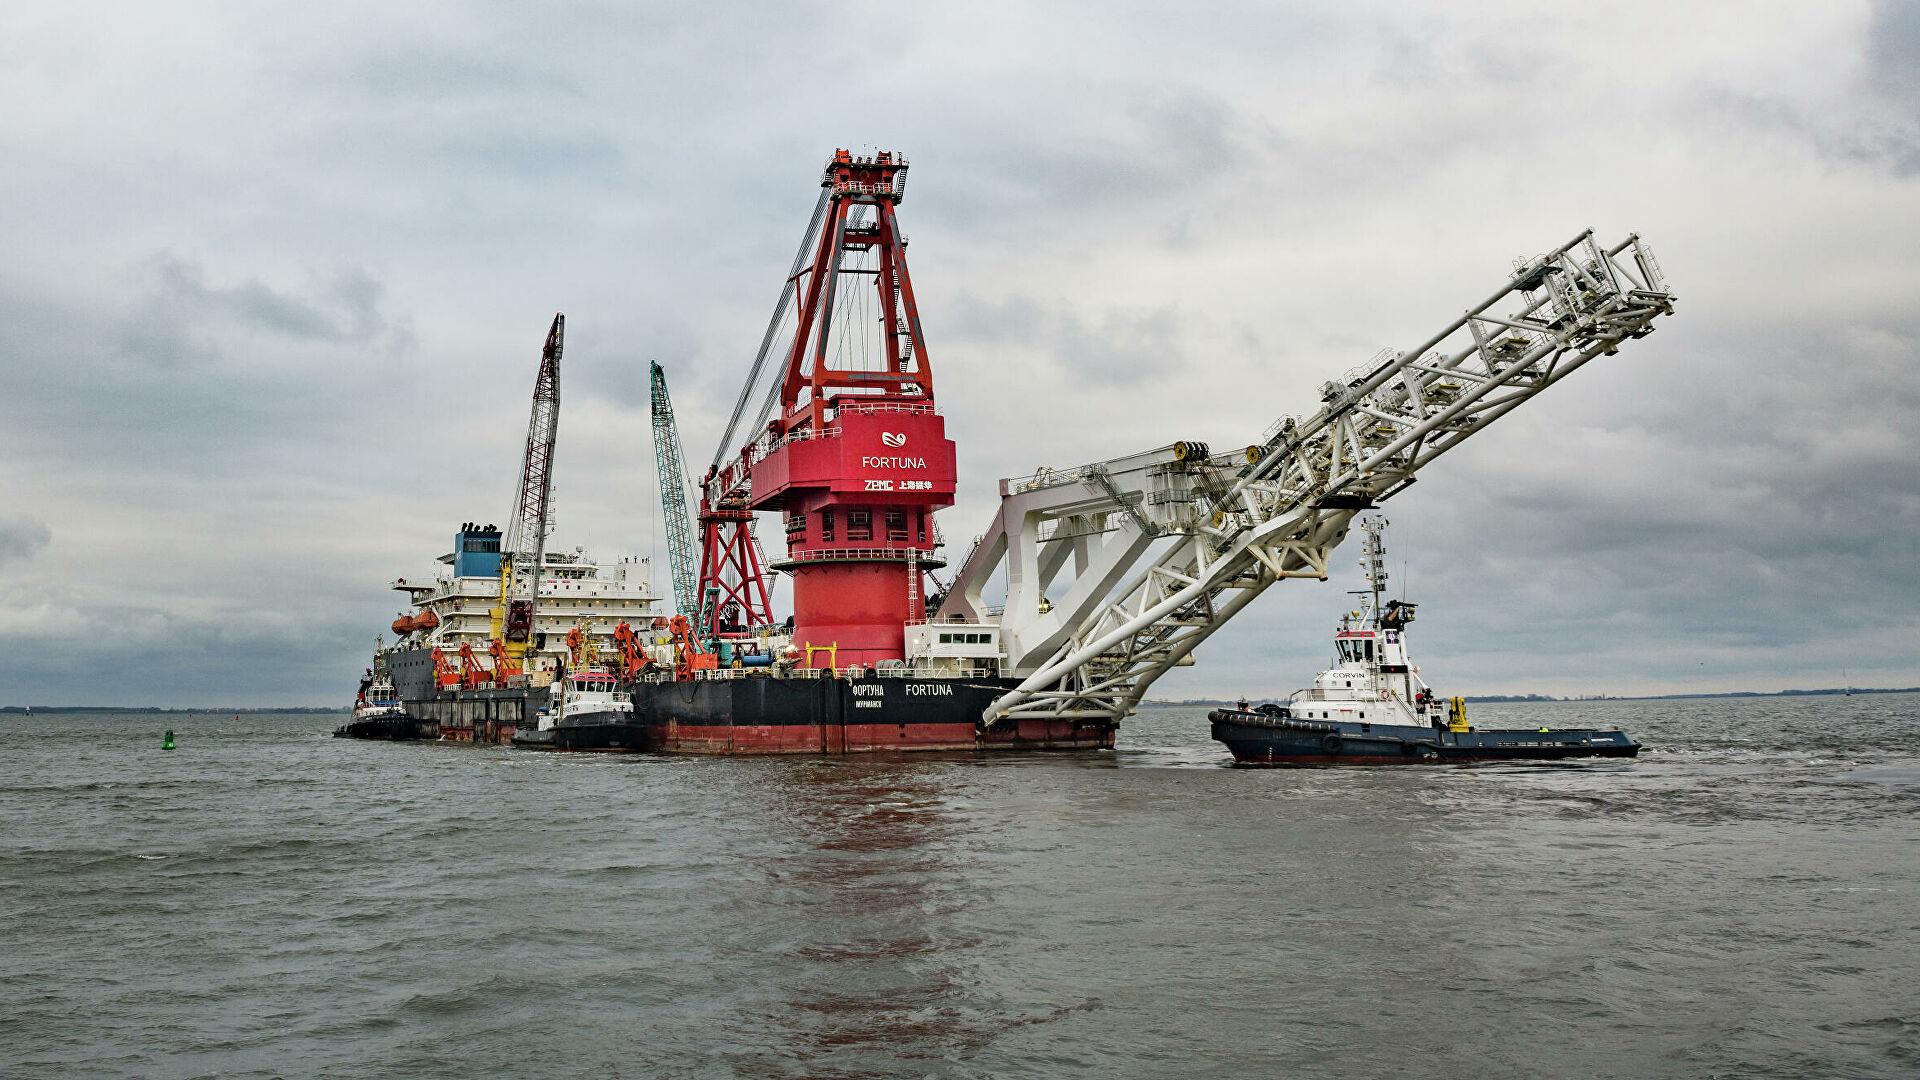 """Брод """"Фортуна"""" започео рад на наставку изградње гасовода """"Северни ток 2"""" у водама Данске"""